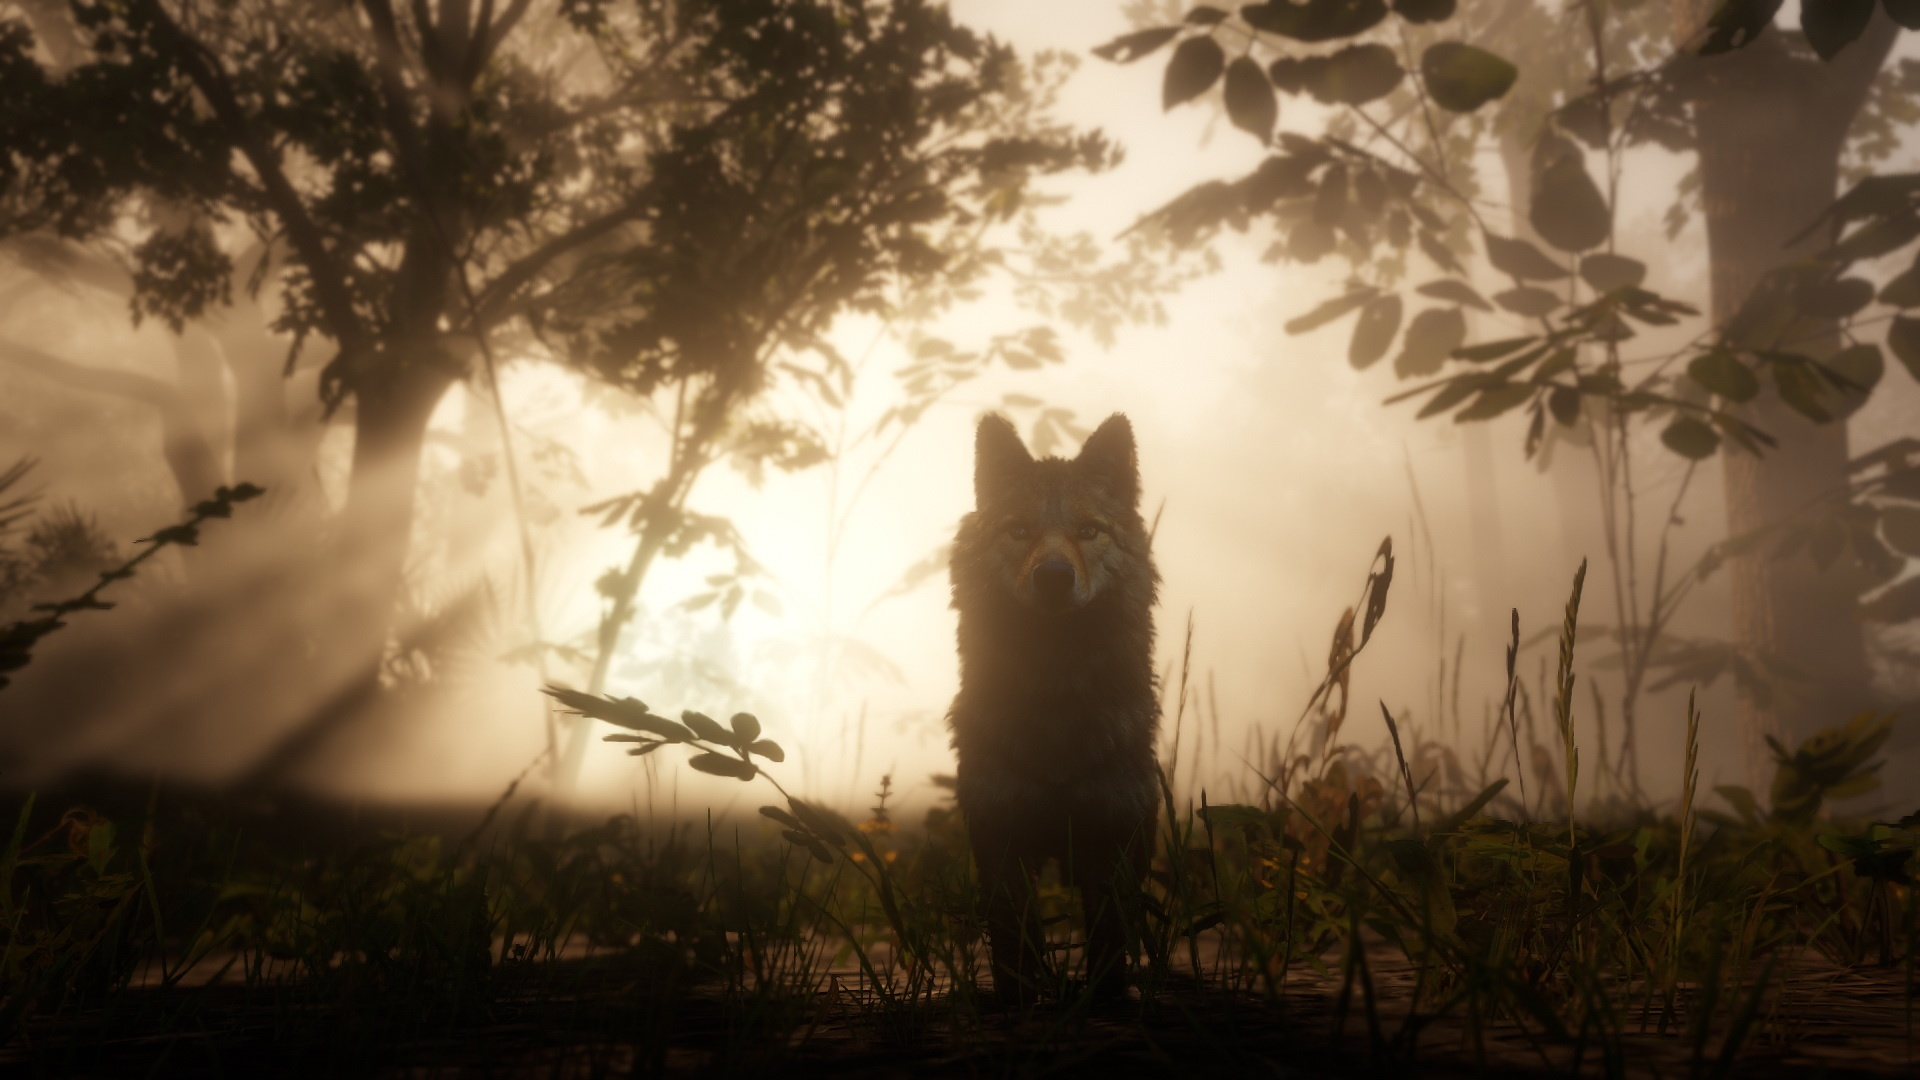 Red Dead Redemption 2: novas e belíssimas imagens destacam visual do jogo 8